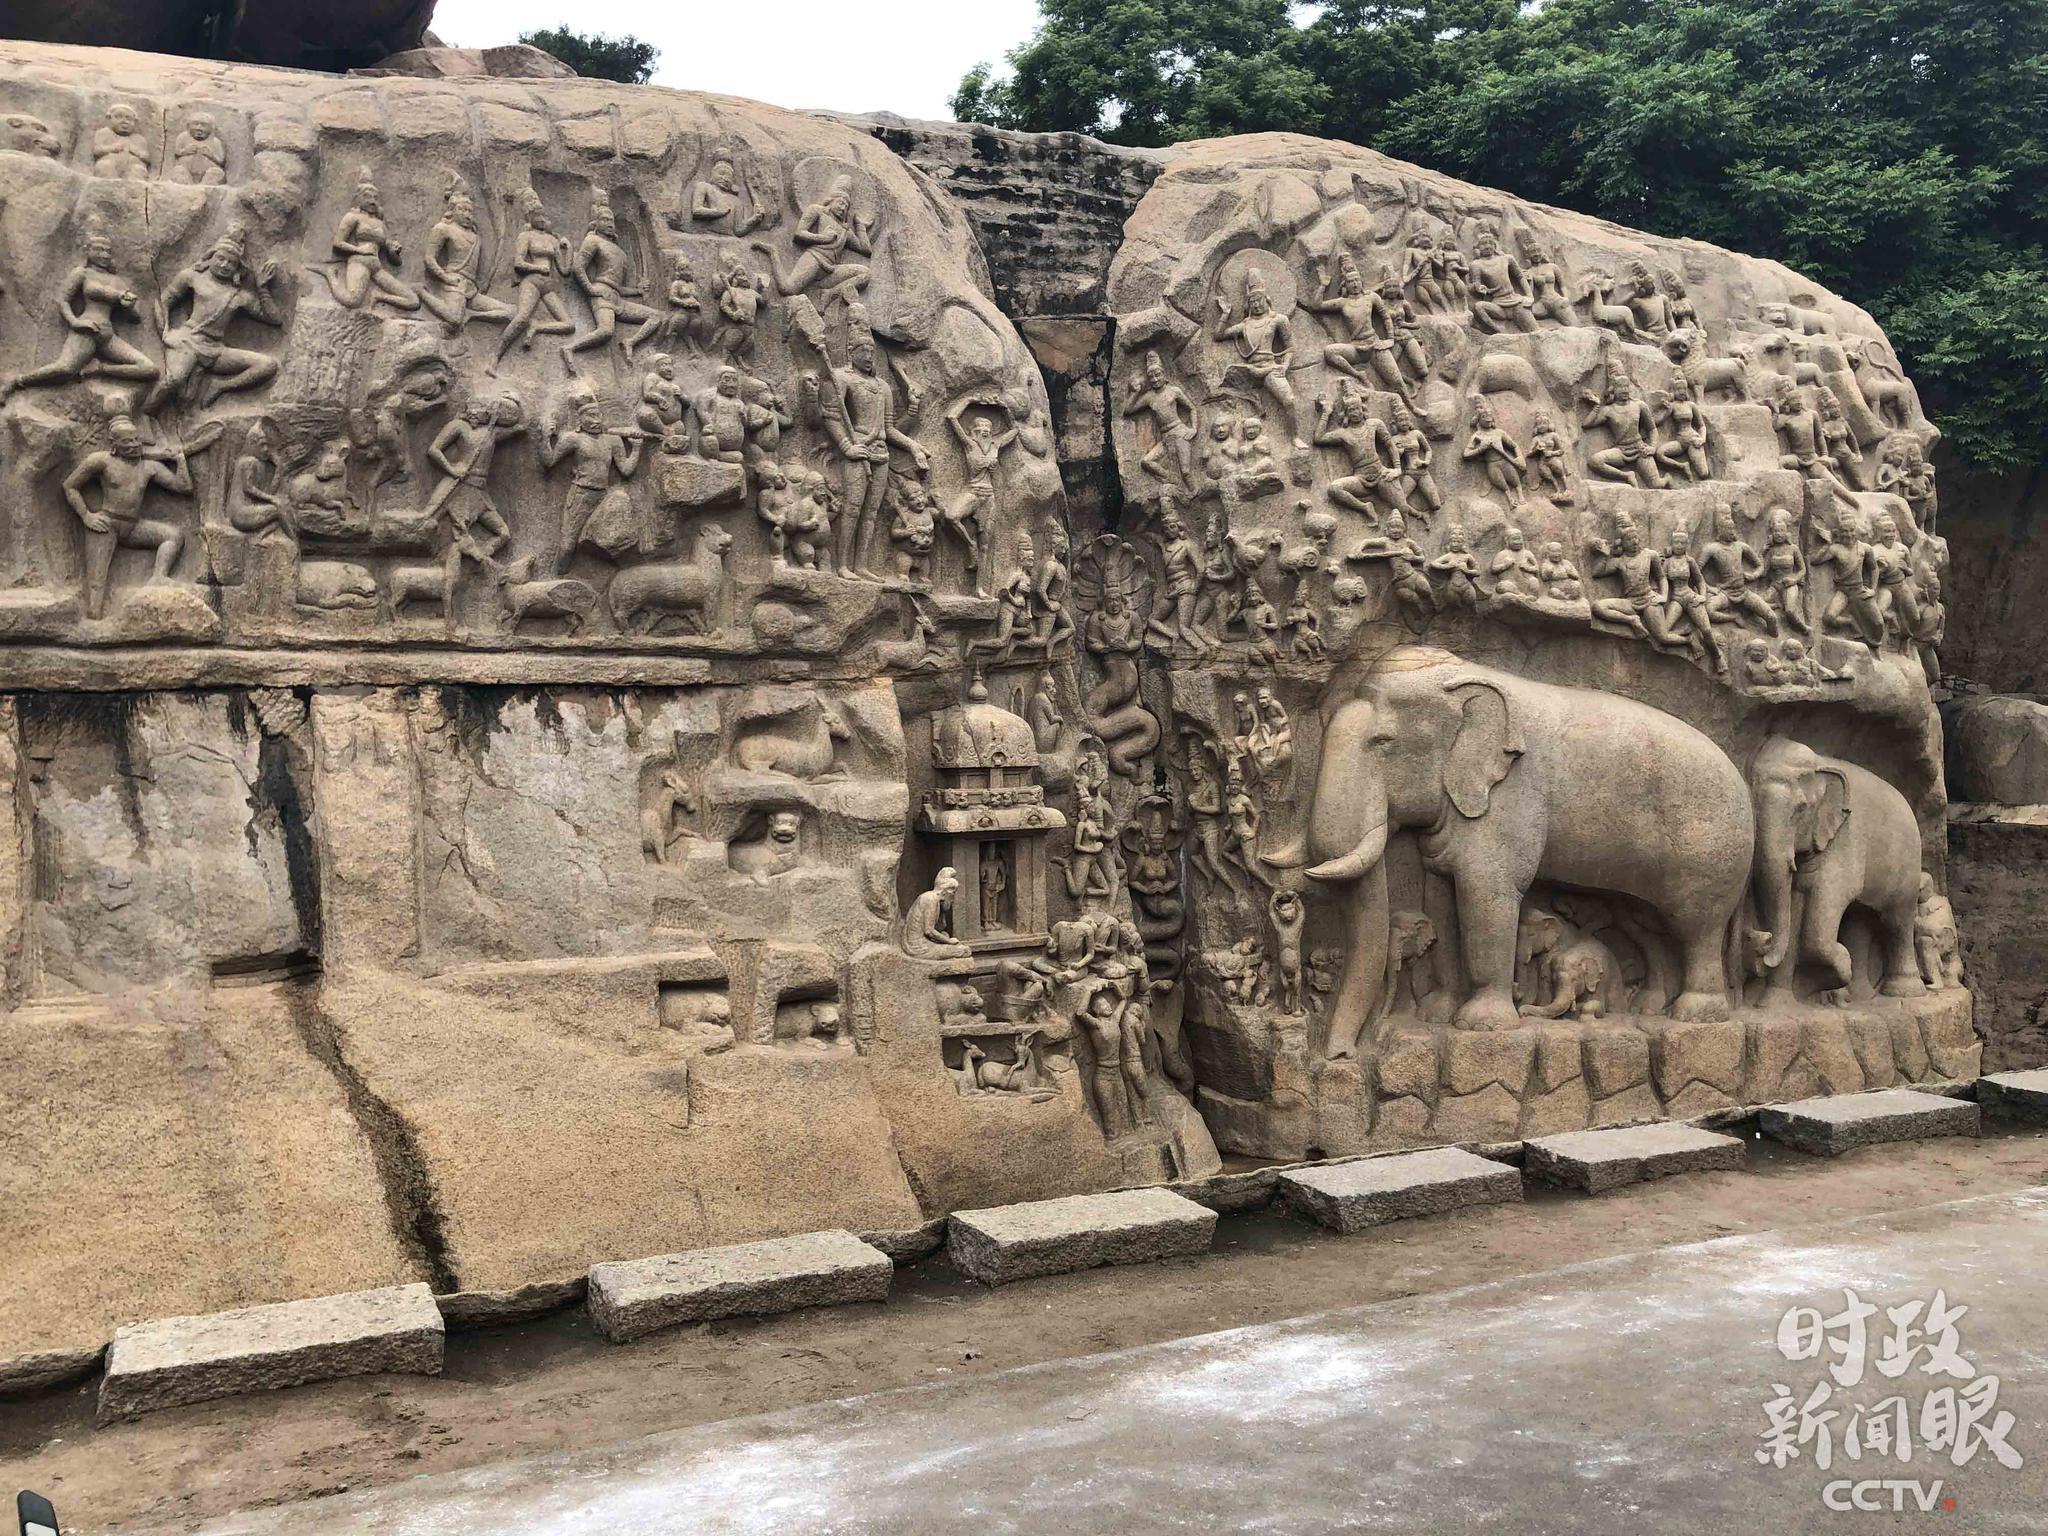 △阿周那石雕是在一块15米宽、30米长的岩石上雕刻而成,完成于7世纪中期,是印度最大的浮雕。(央视记者马亚阳拍摄)